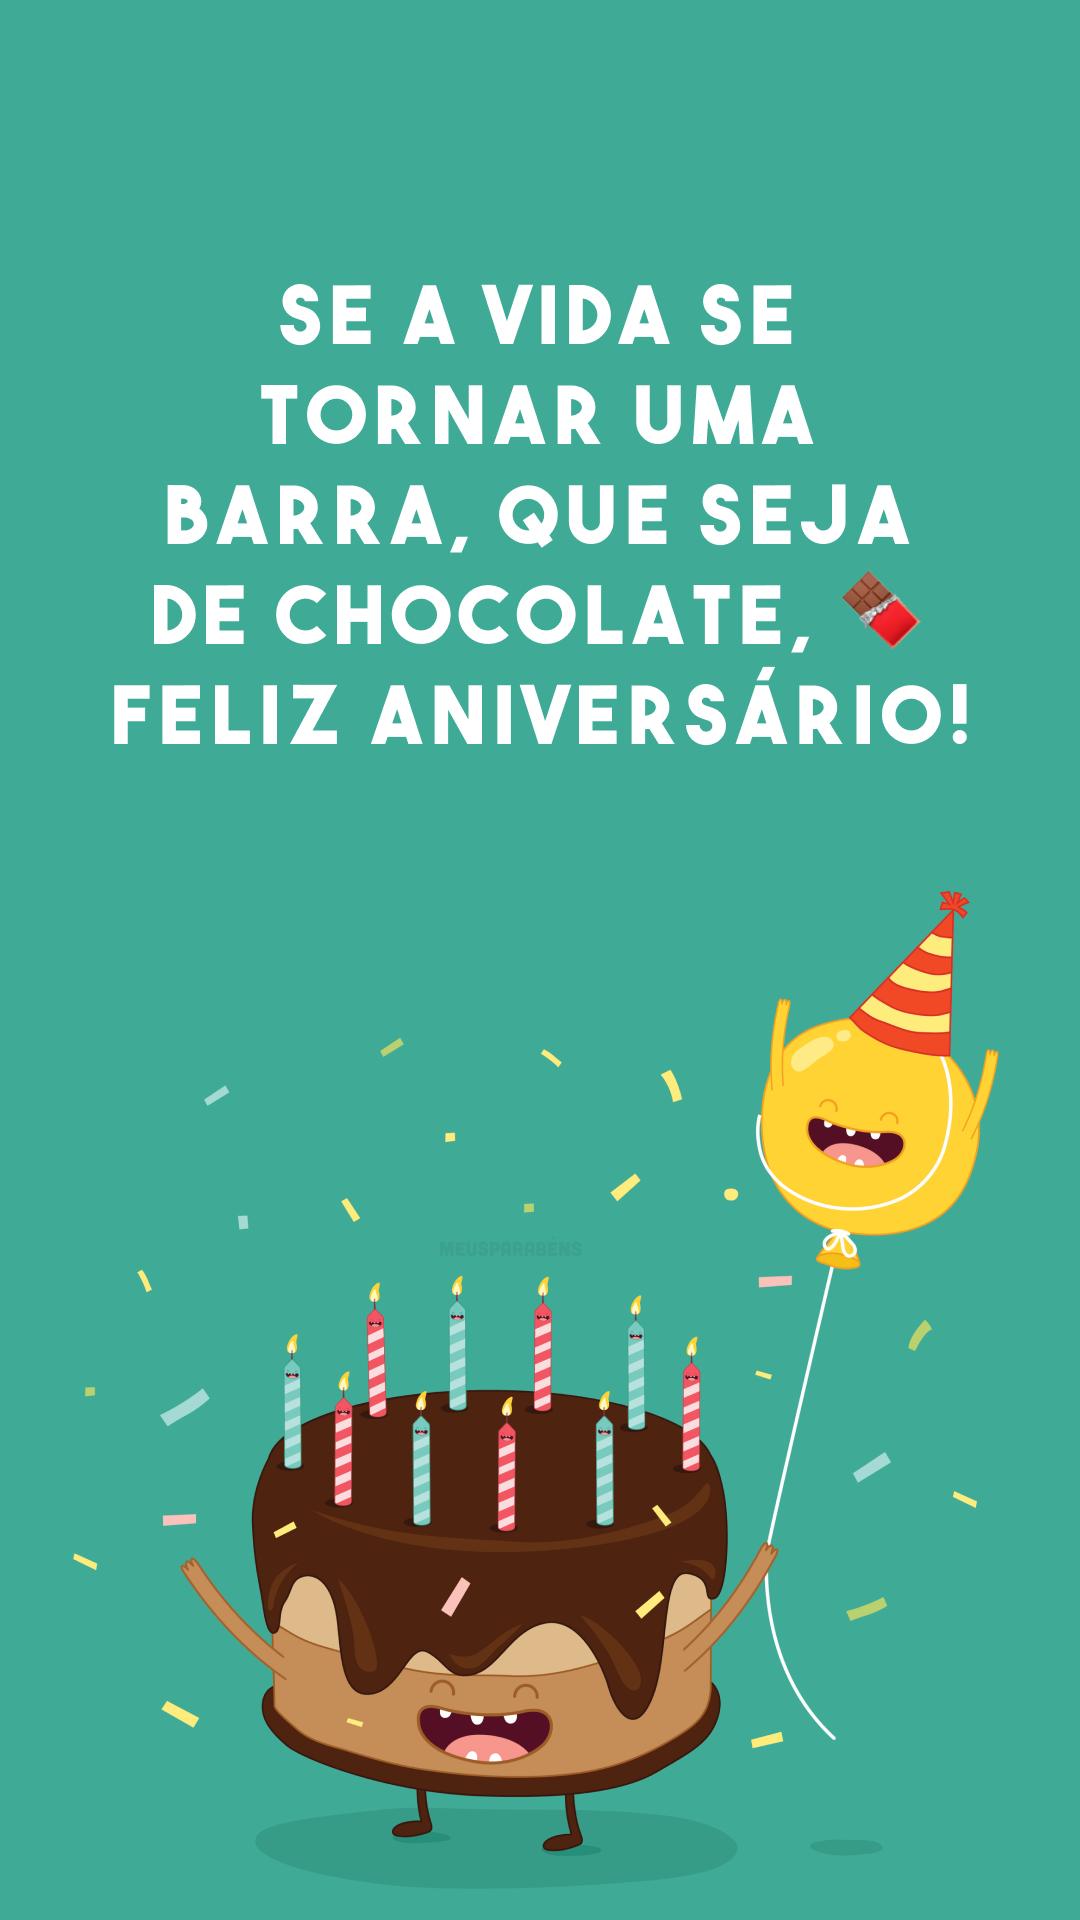 Se a vida se tornar uma barra, que seja de chocolate, 🍫 Feliz aniversário!